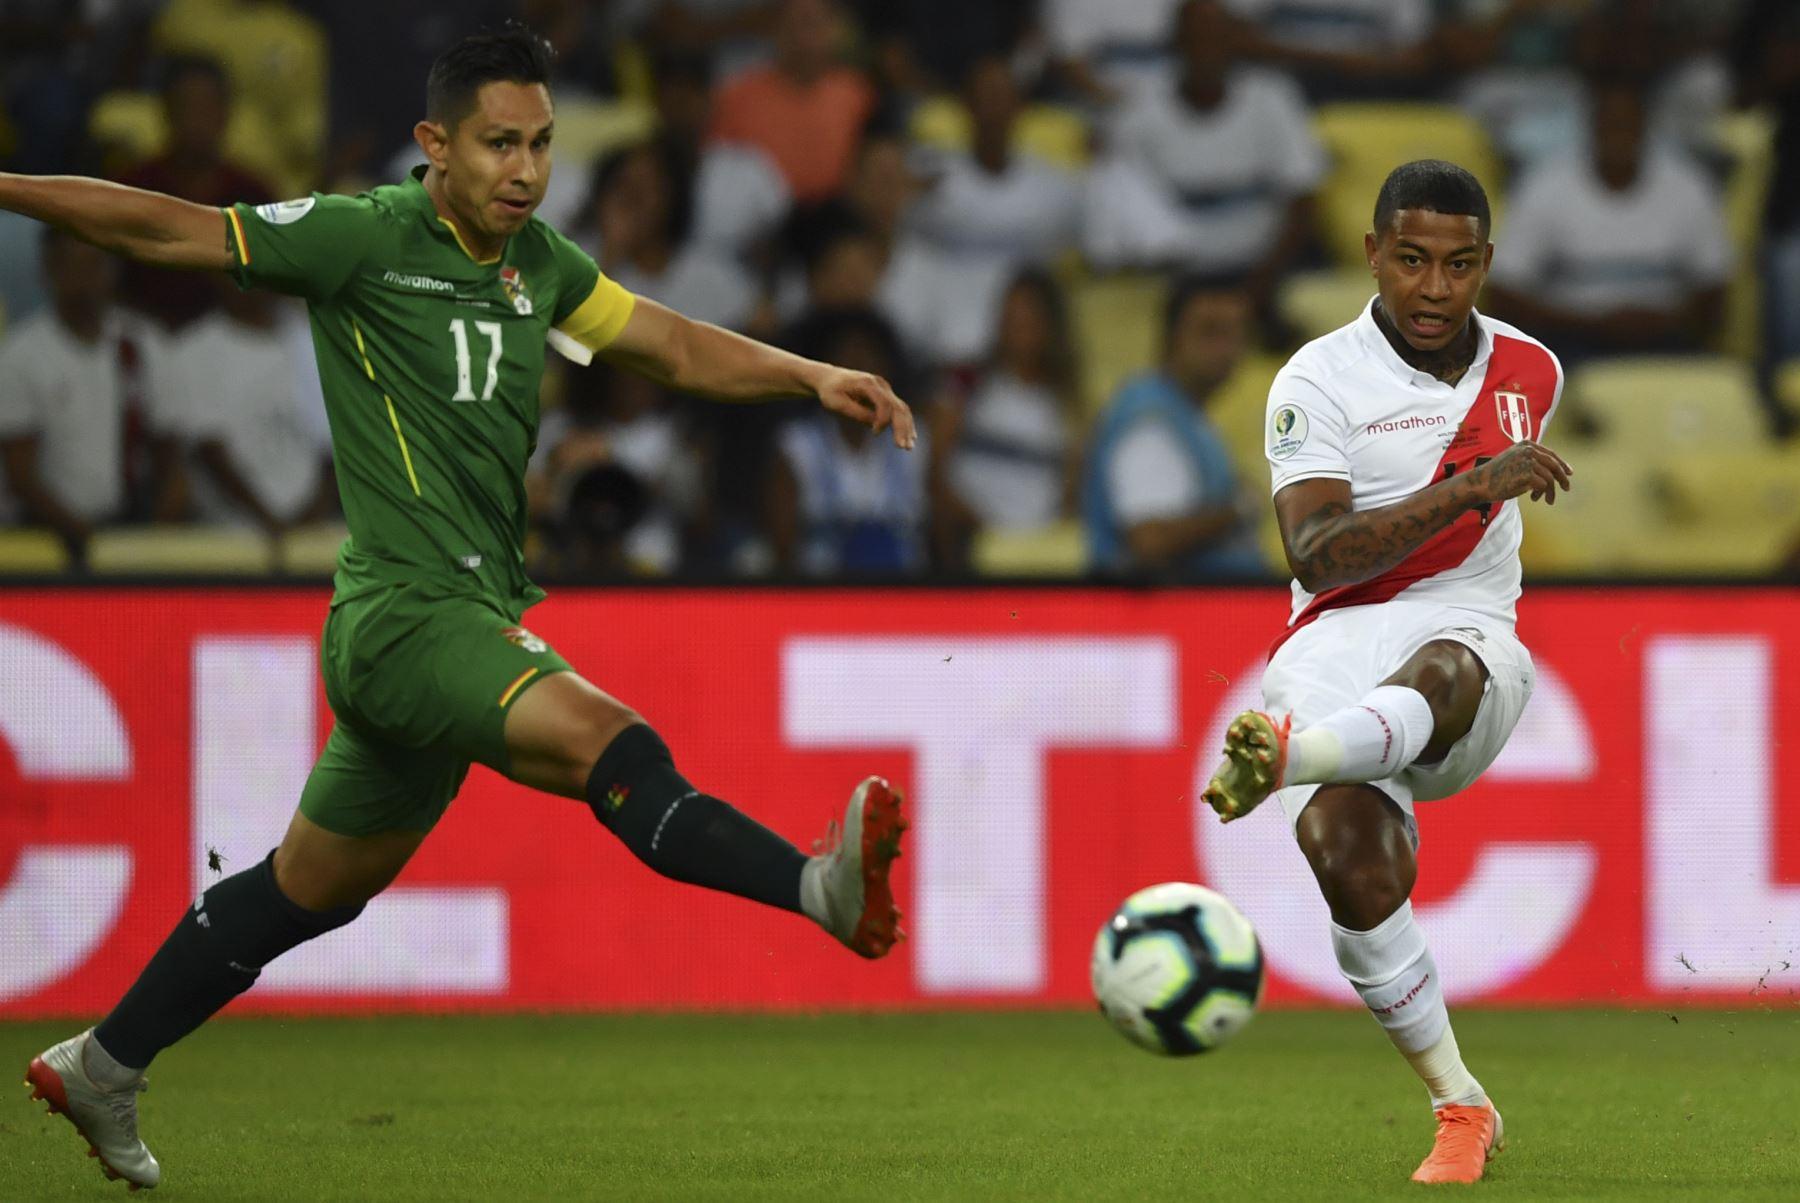 Andy Polo (R) de Perú es desafiado por Marvin Bejarano de Bolivia durante su partido de torneo de fútbol de la Copa América en el estadio Maracaná de Brasil. Foto: AFP